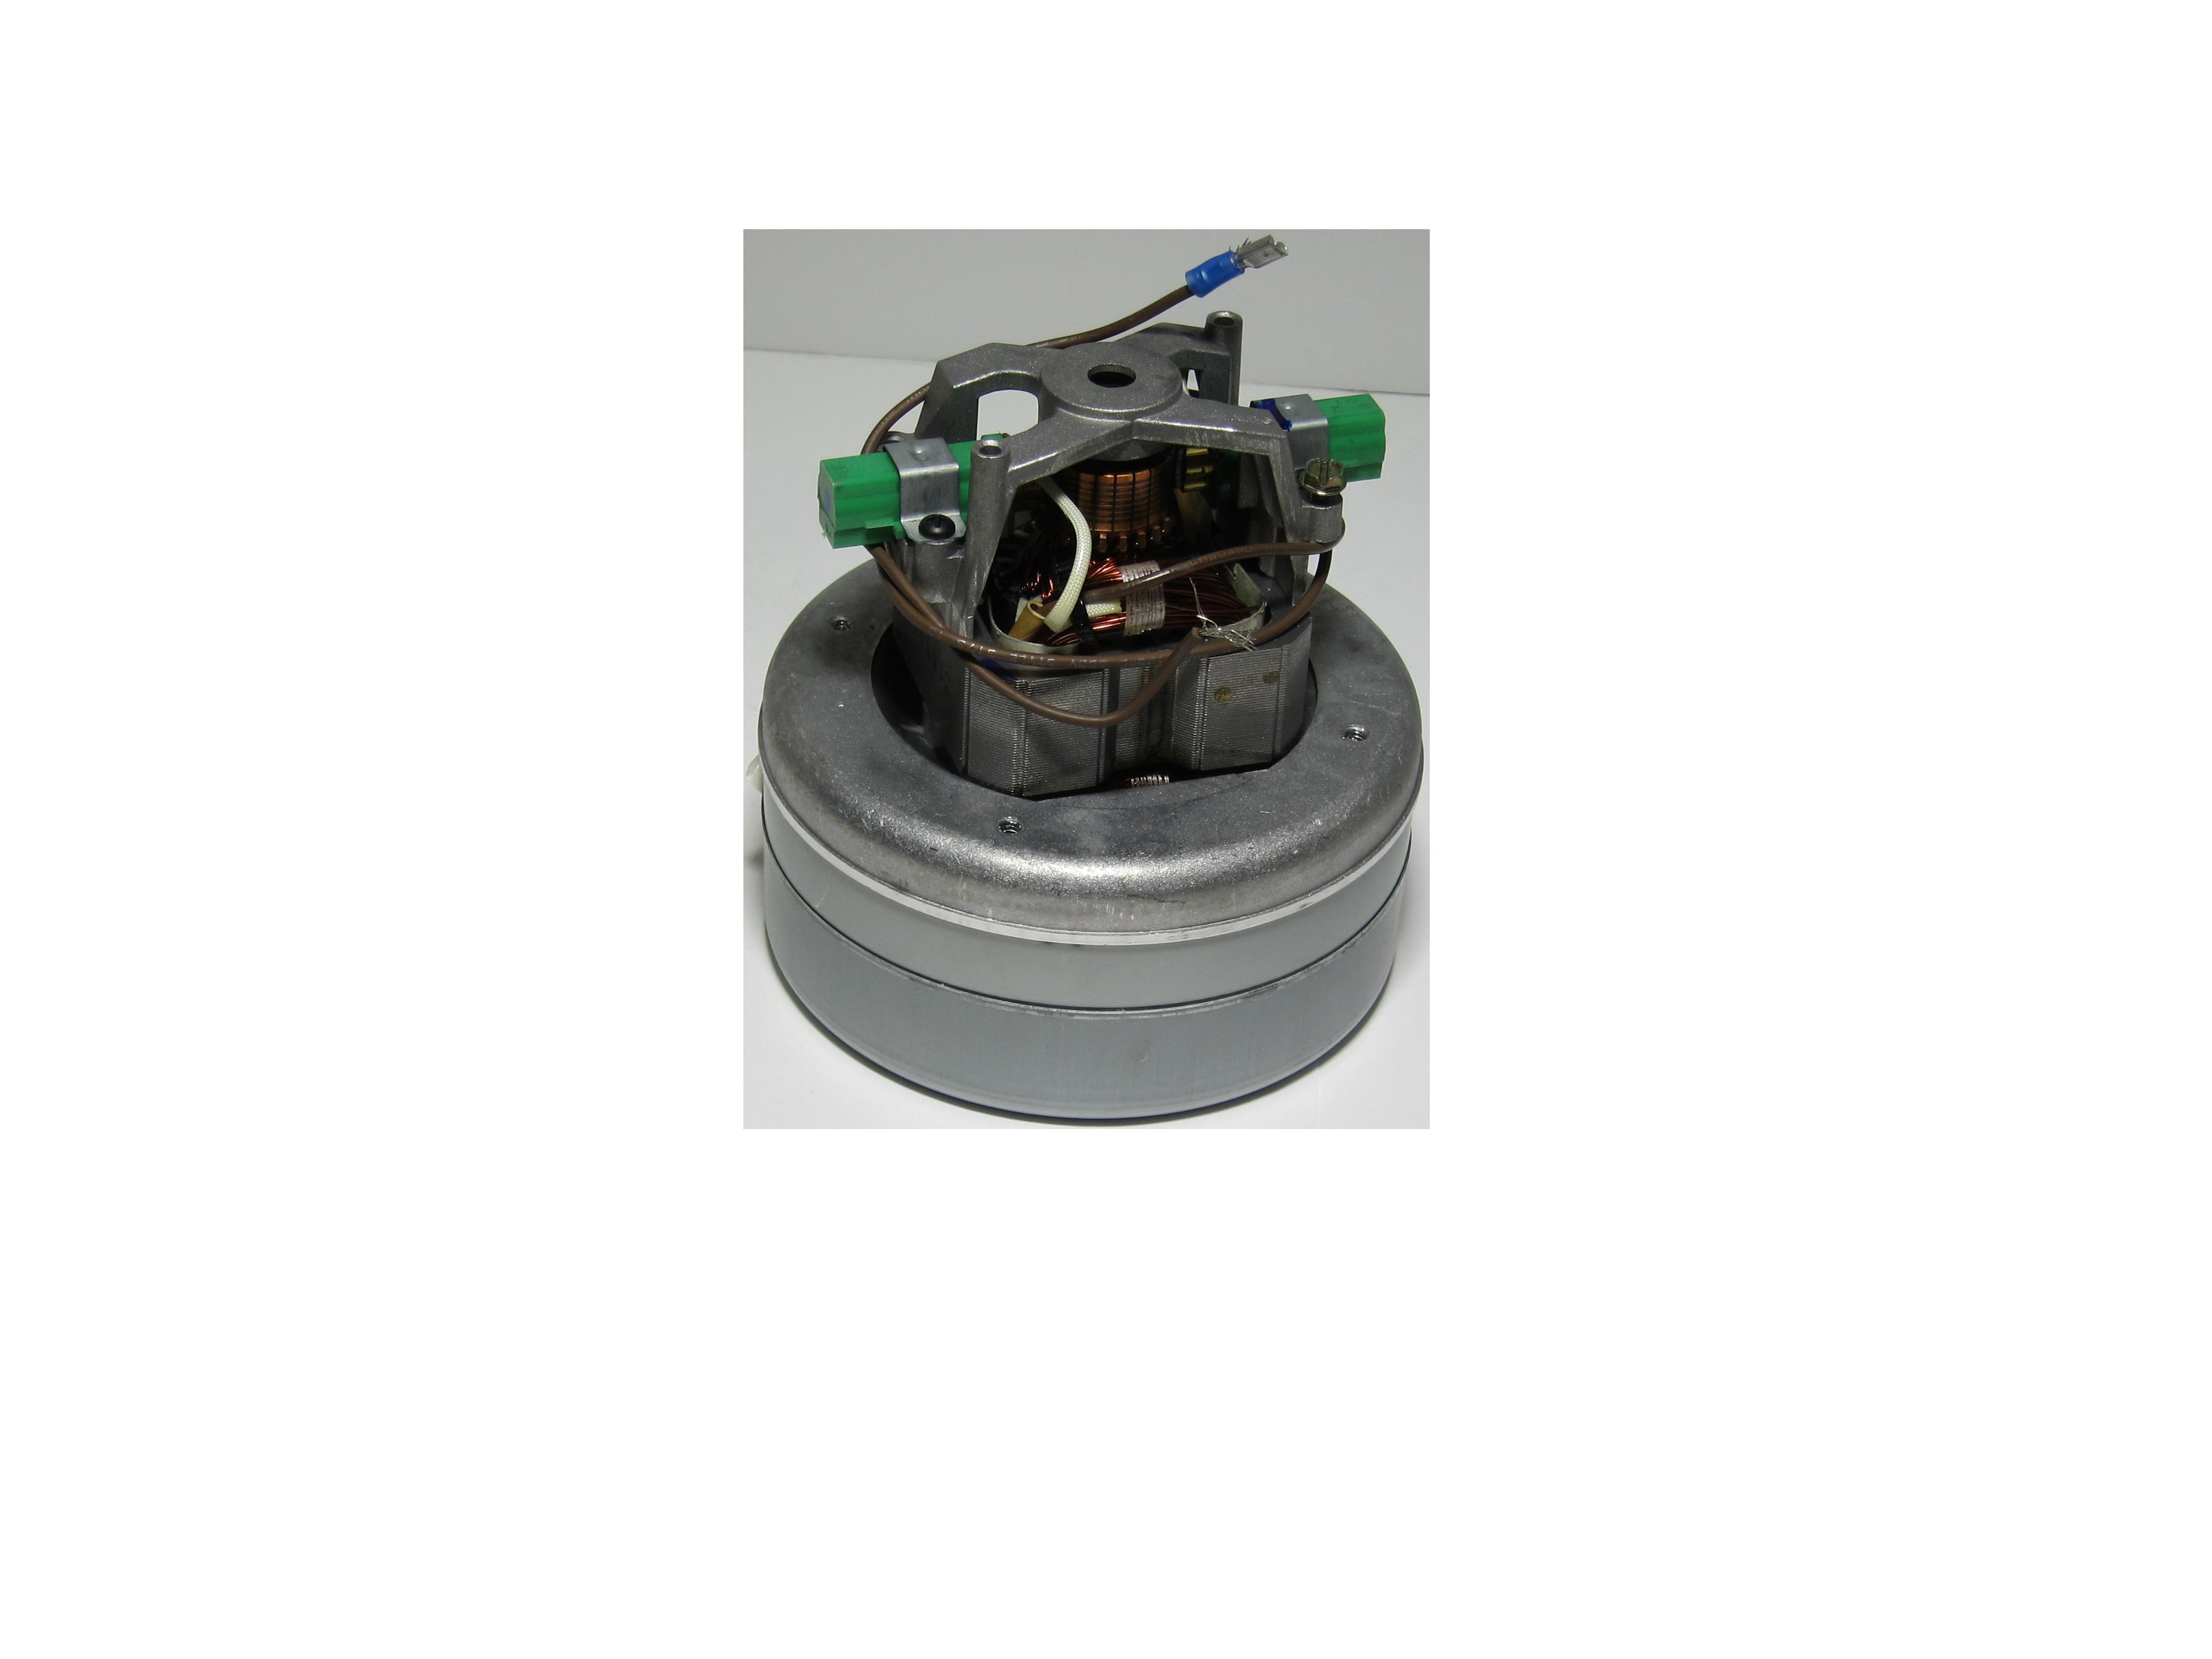 486-005 DCV-4 Dust Collector Vacuum Motor, DCV-4 dust collector, vacuums, vacuum , vacuum motor, CFM of 100, 486-005 1PH 110V replacement vacuum motor